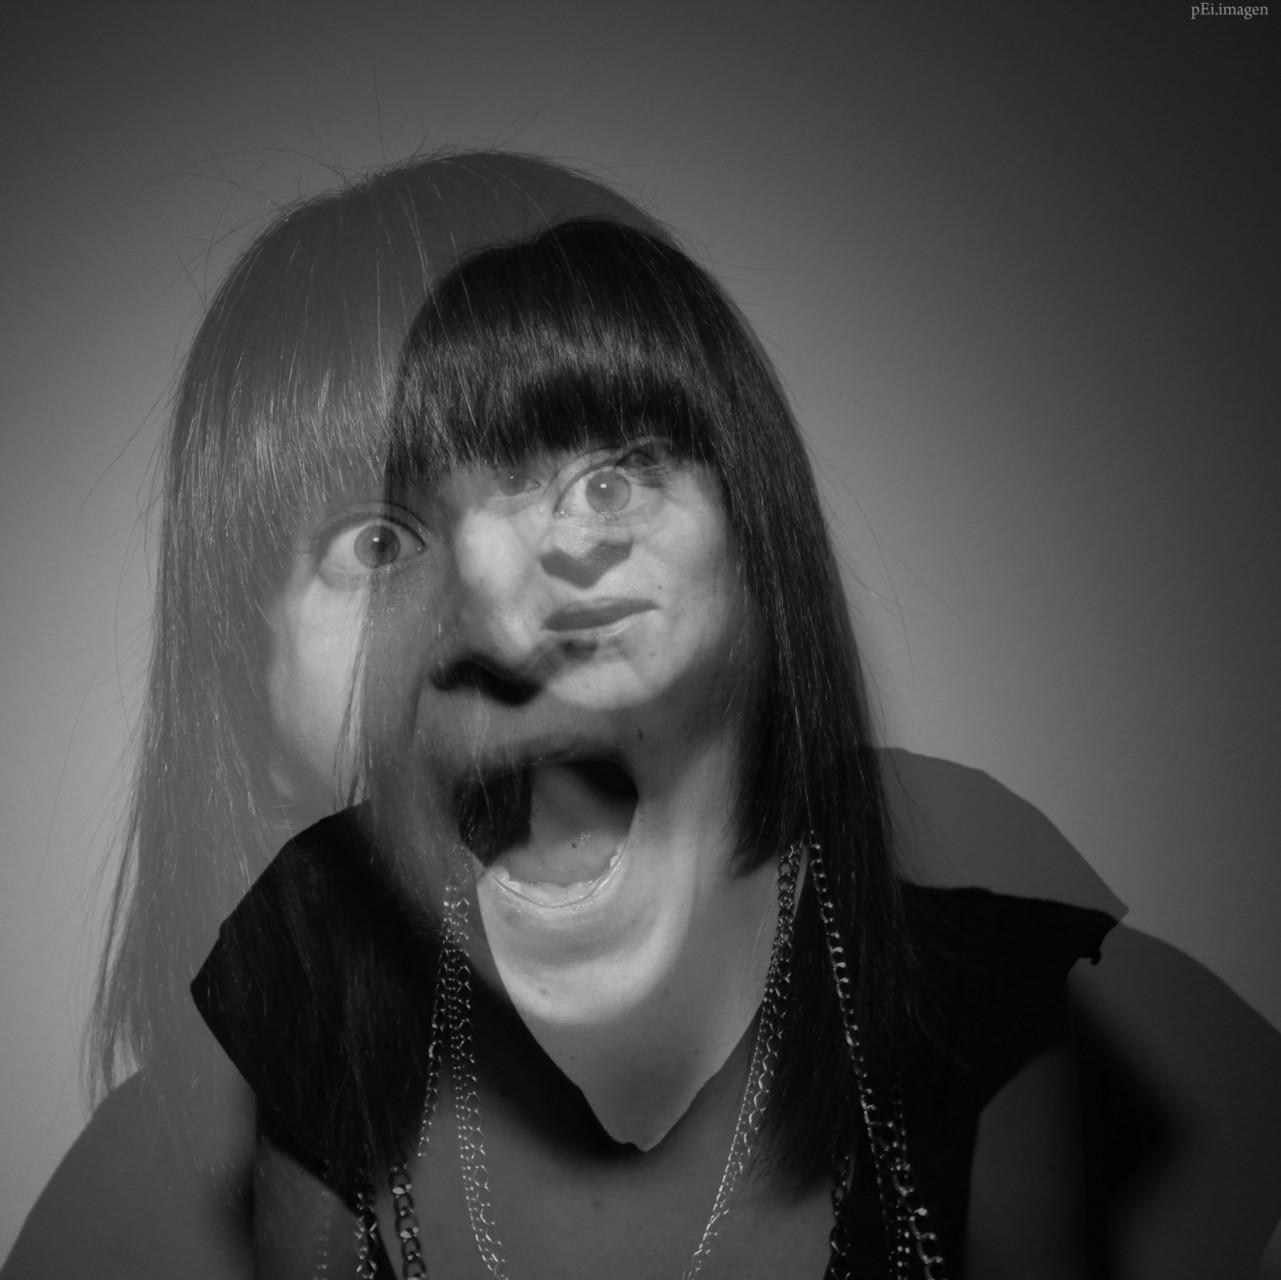 peipegata me myself I proyectos fotografia peipegatafotografia # 043 Paula Alvarez